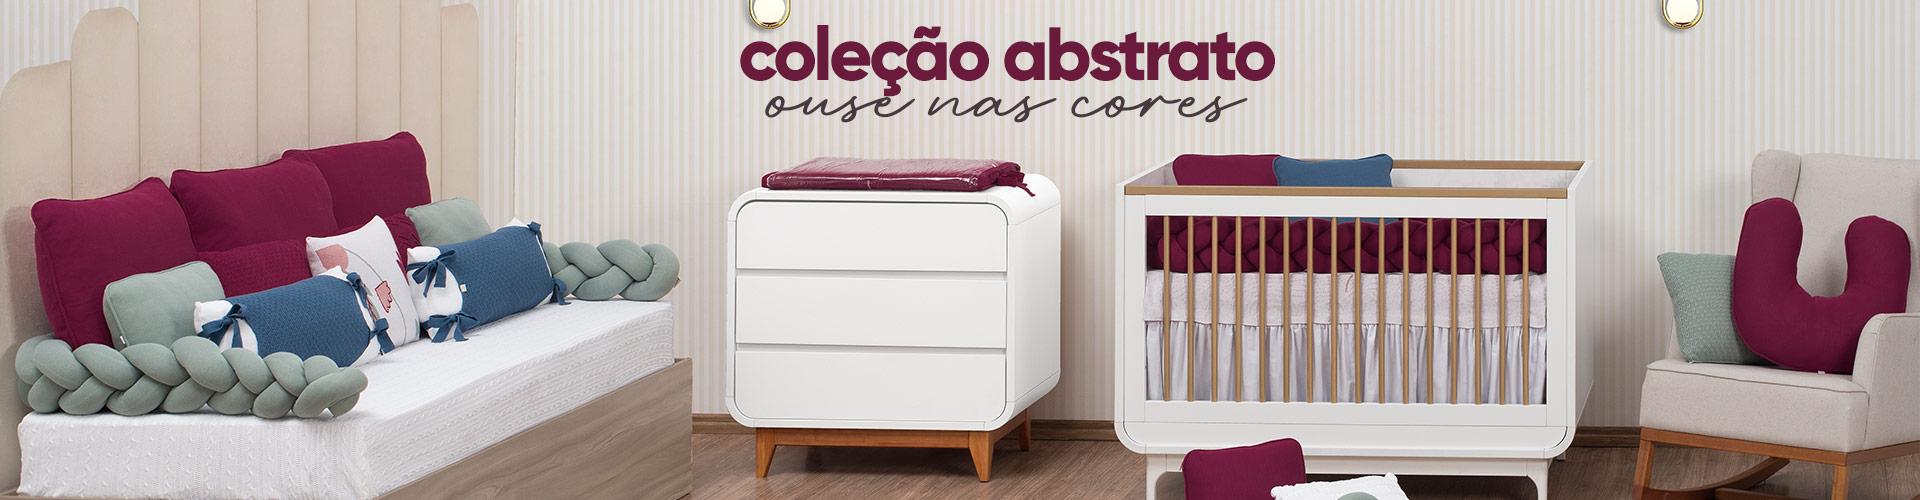 Banner Categoria Abstrato